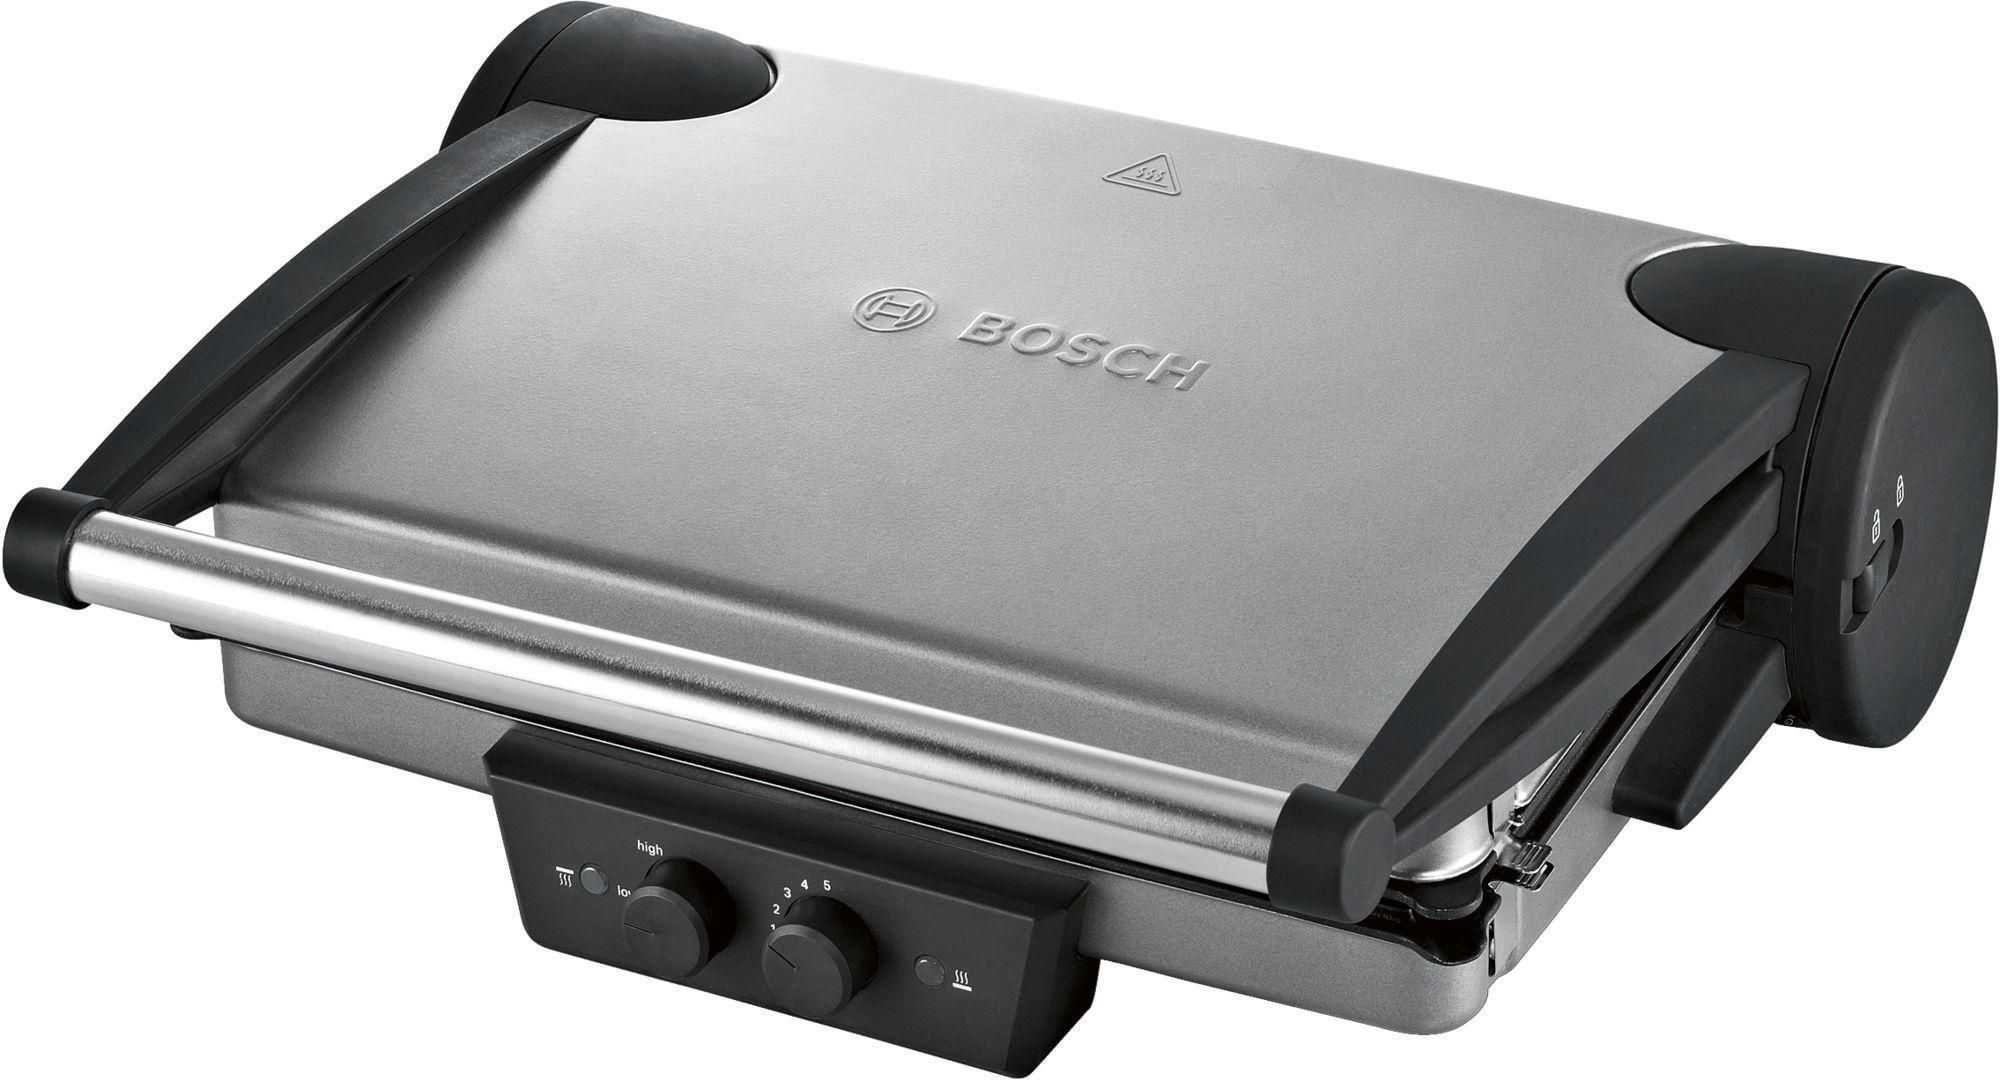 Bosch Kontaktgrill TFB4431V 2000 W günstig kaufen